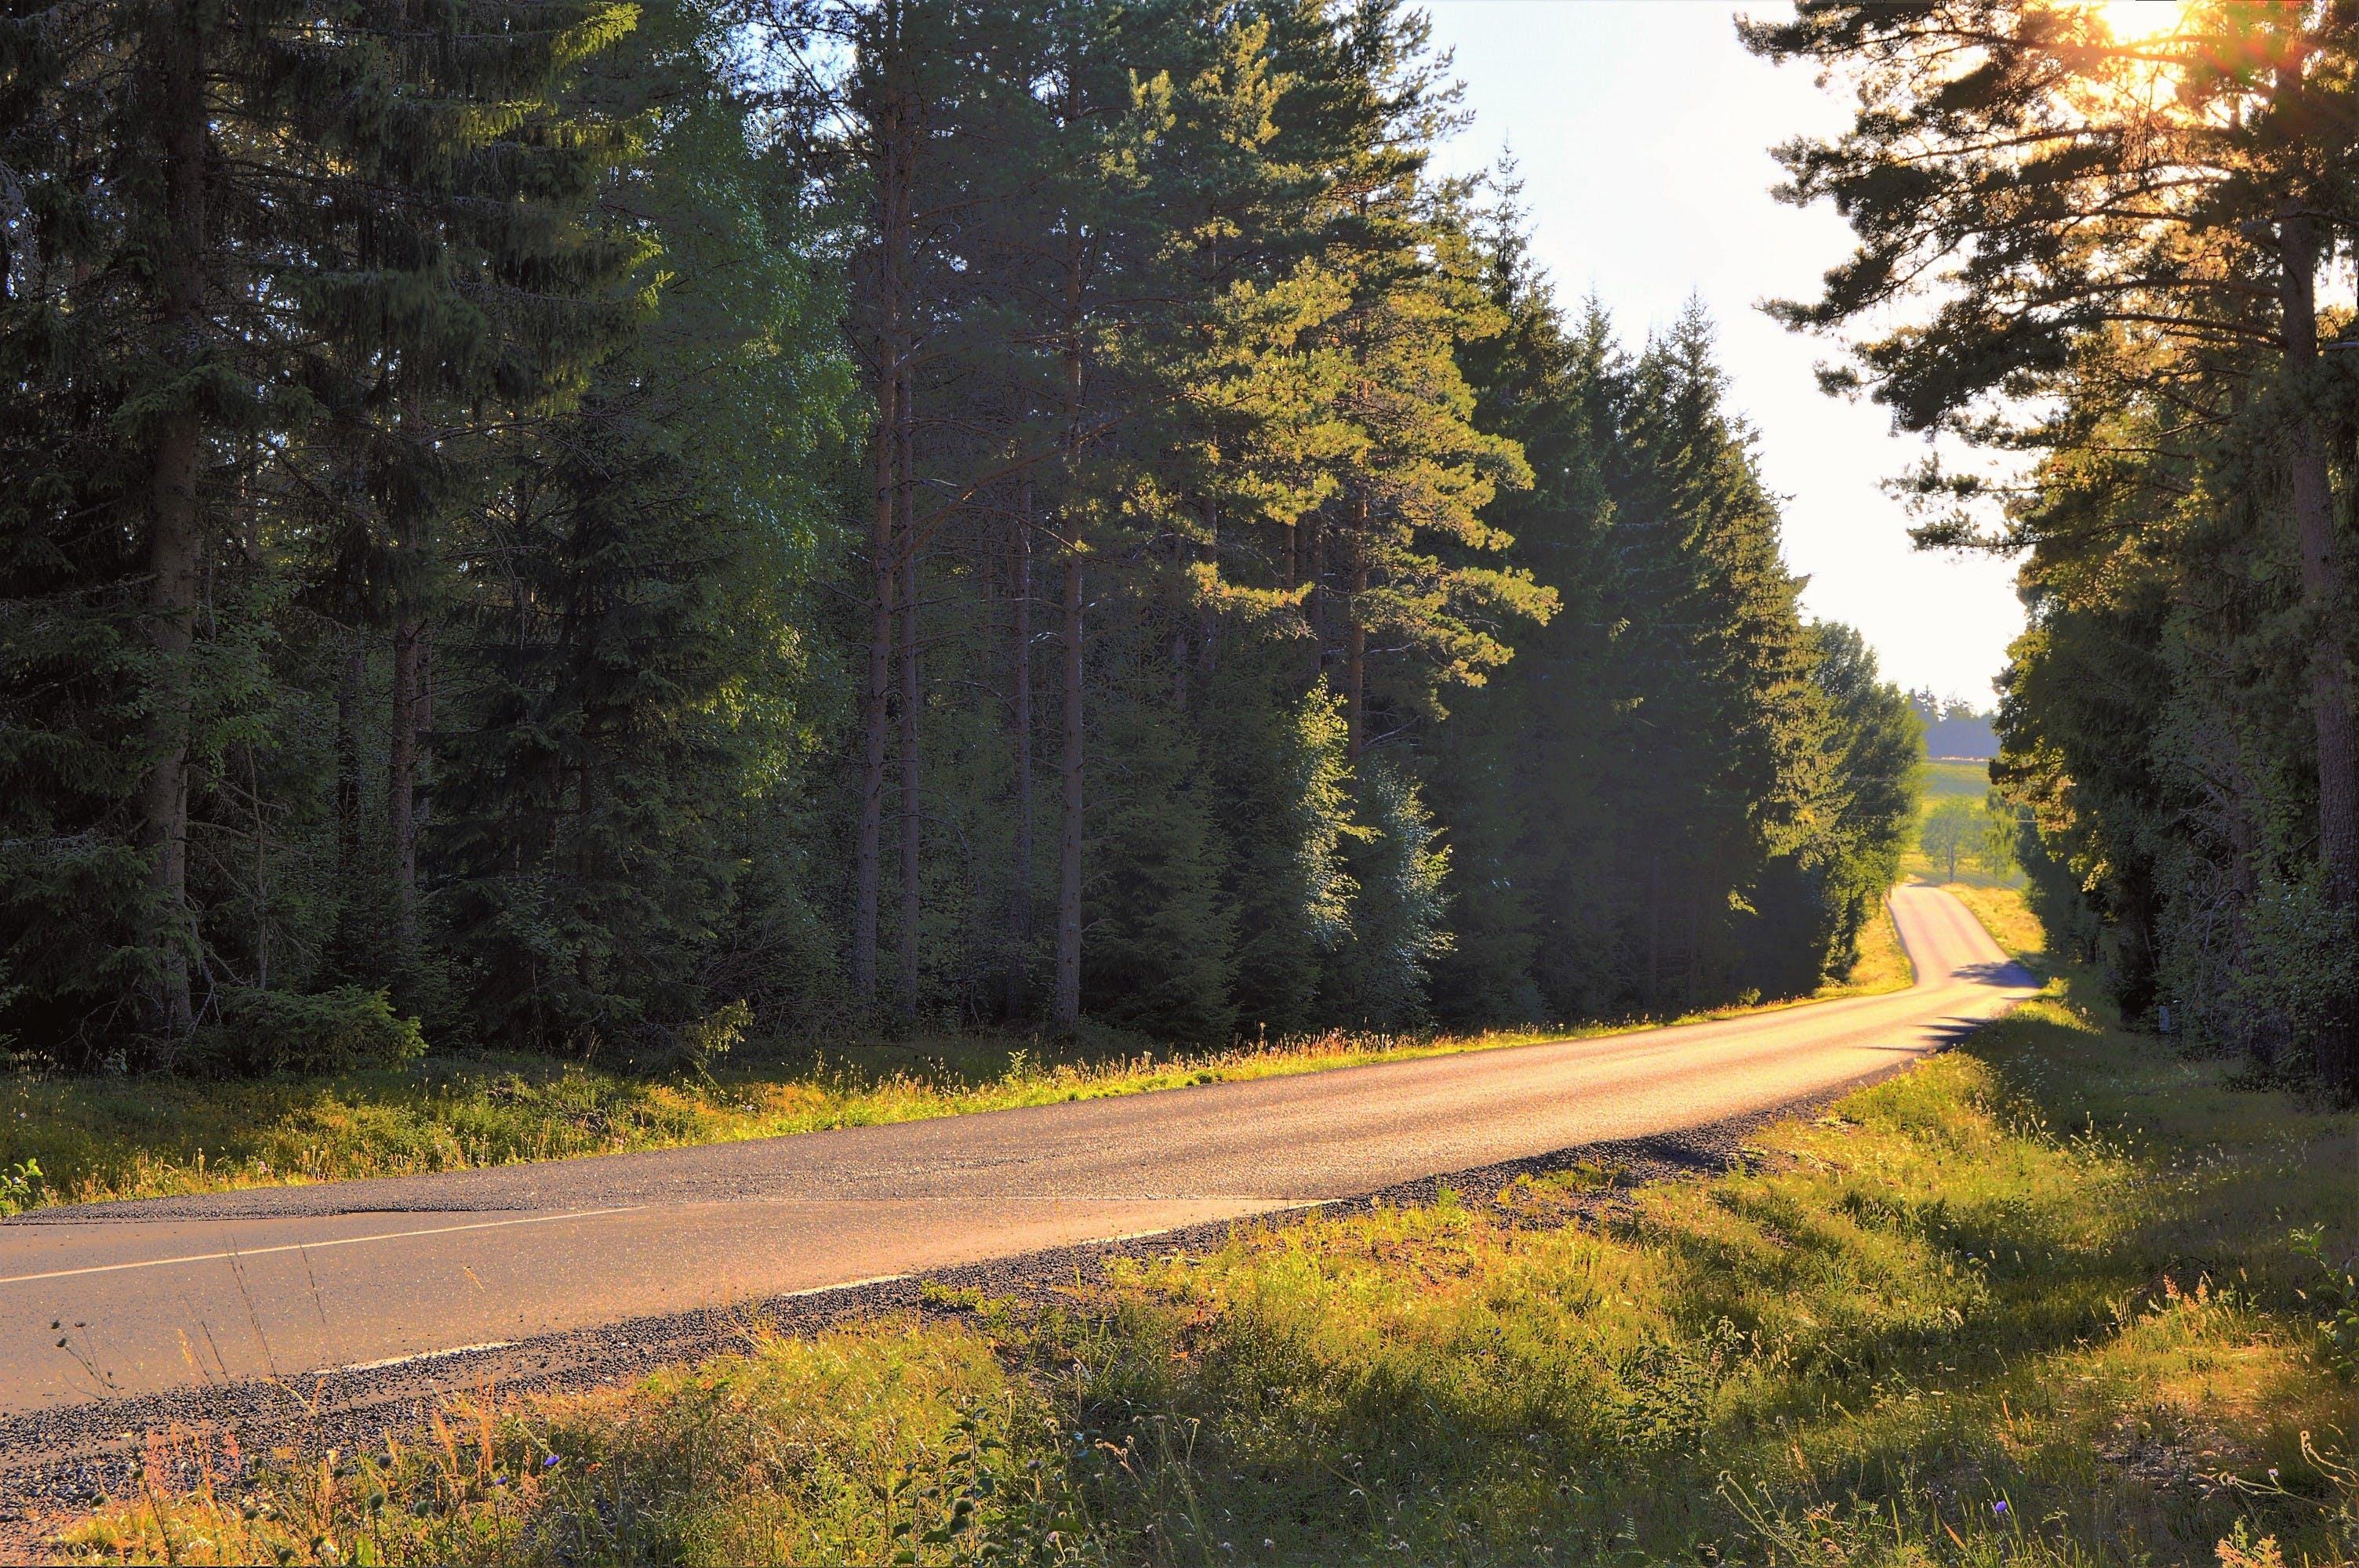 Fotos de stock gratuitas de arboles, bosque, brillante, camino